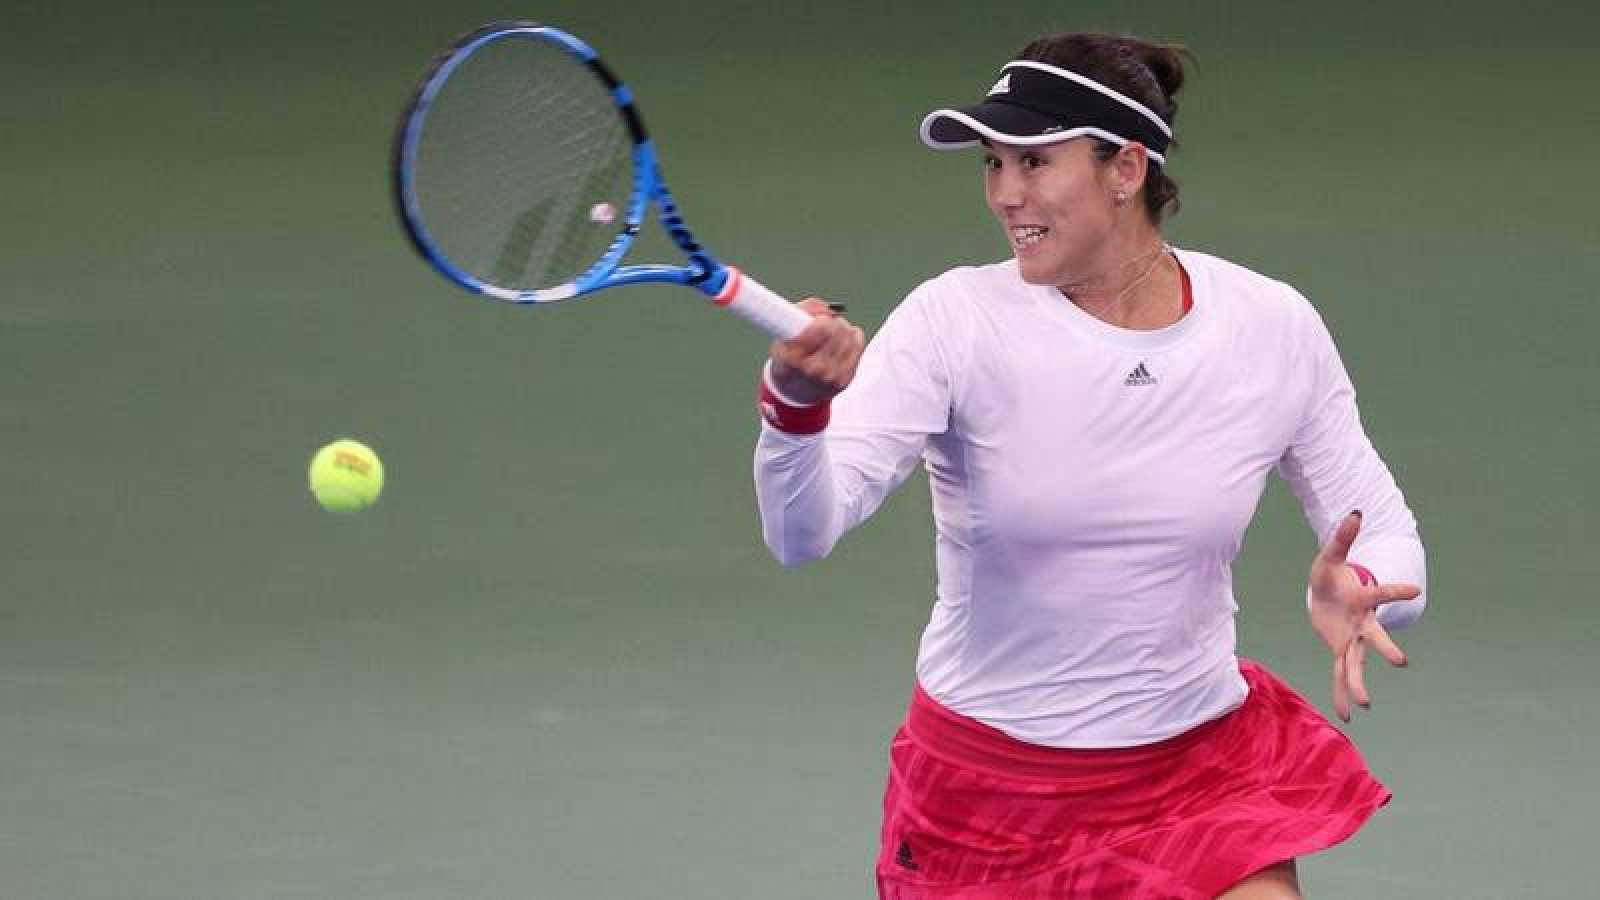 La tenista española Garbiñe Muguruza durante su partido del US Open ante la japonesa Nao Hibino.